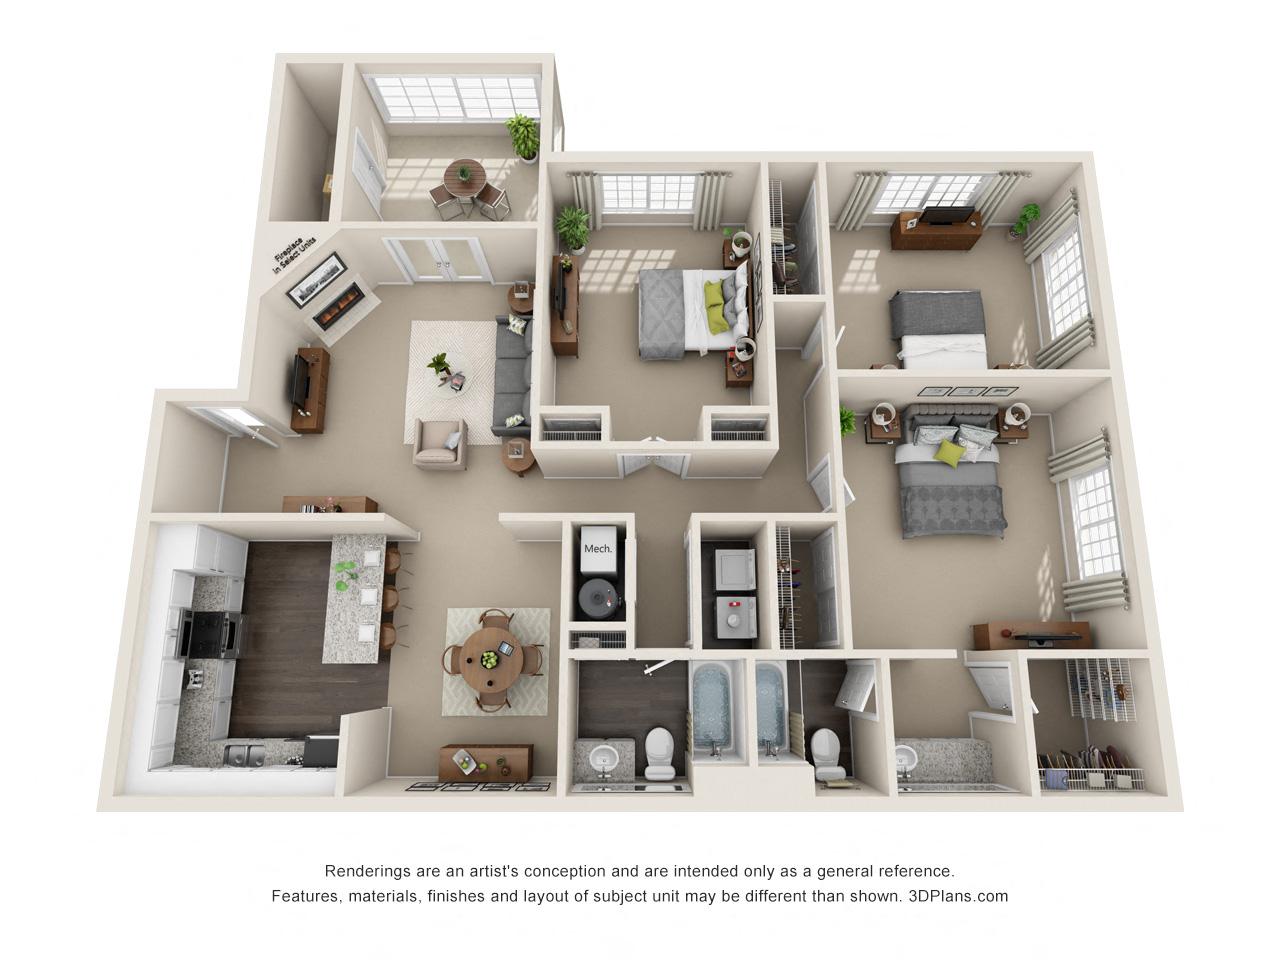 3 Bedroom Flat Floor Plan 4